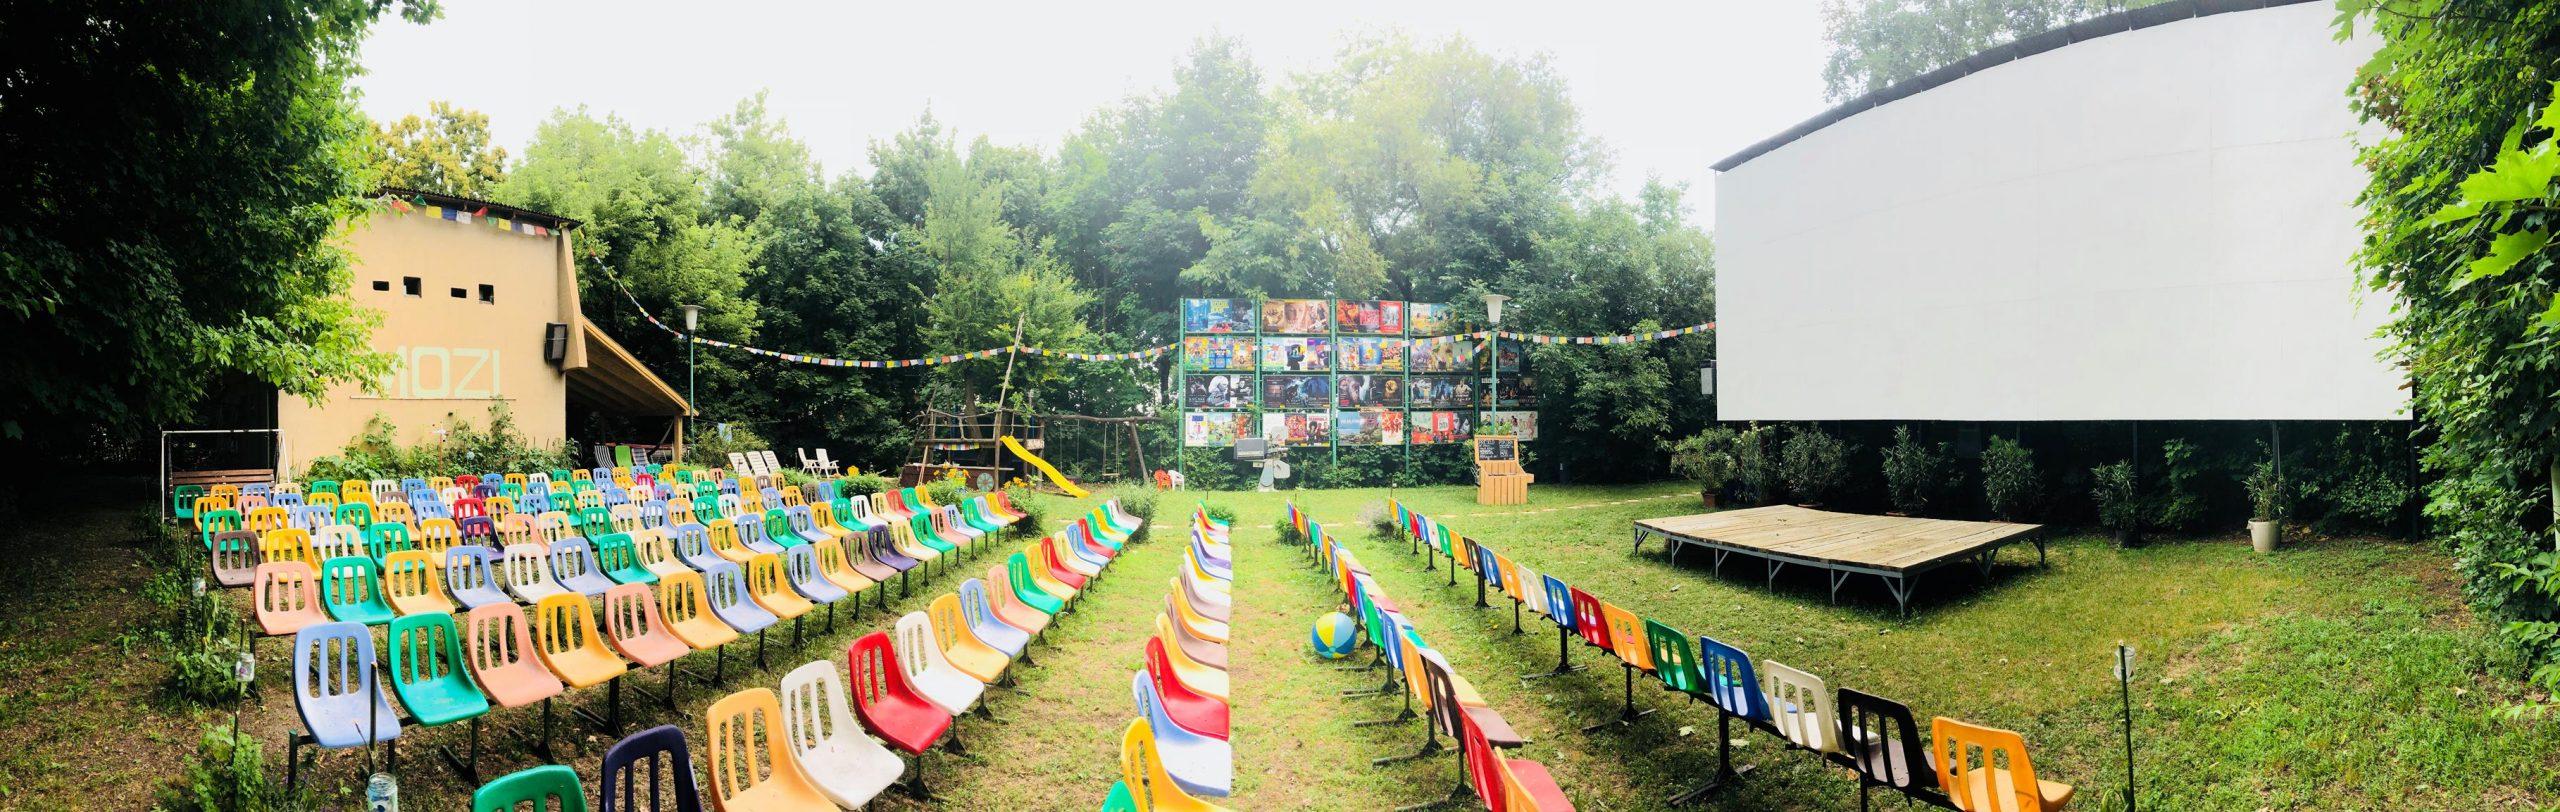 6 hangulatos kertmozi a Balaton partján, ami egész nyáron látogatható